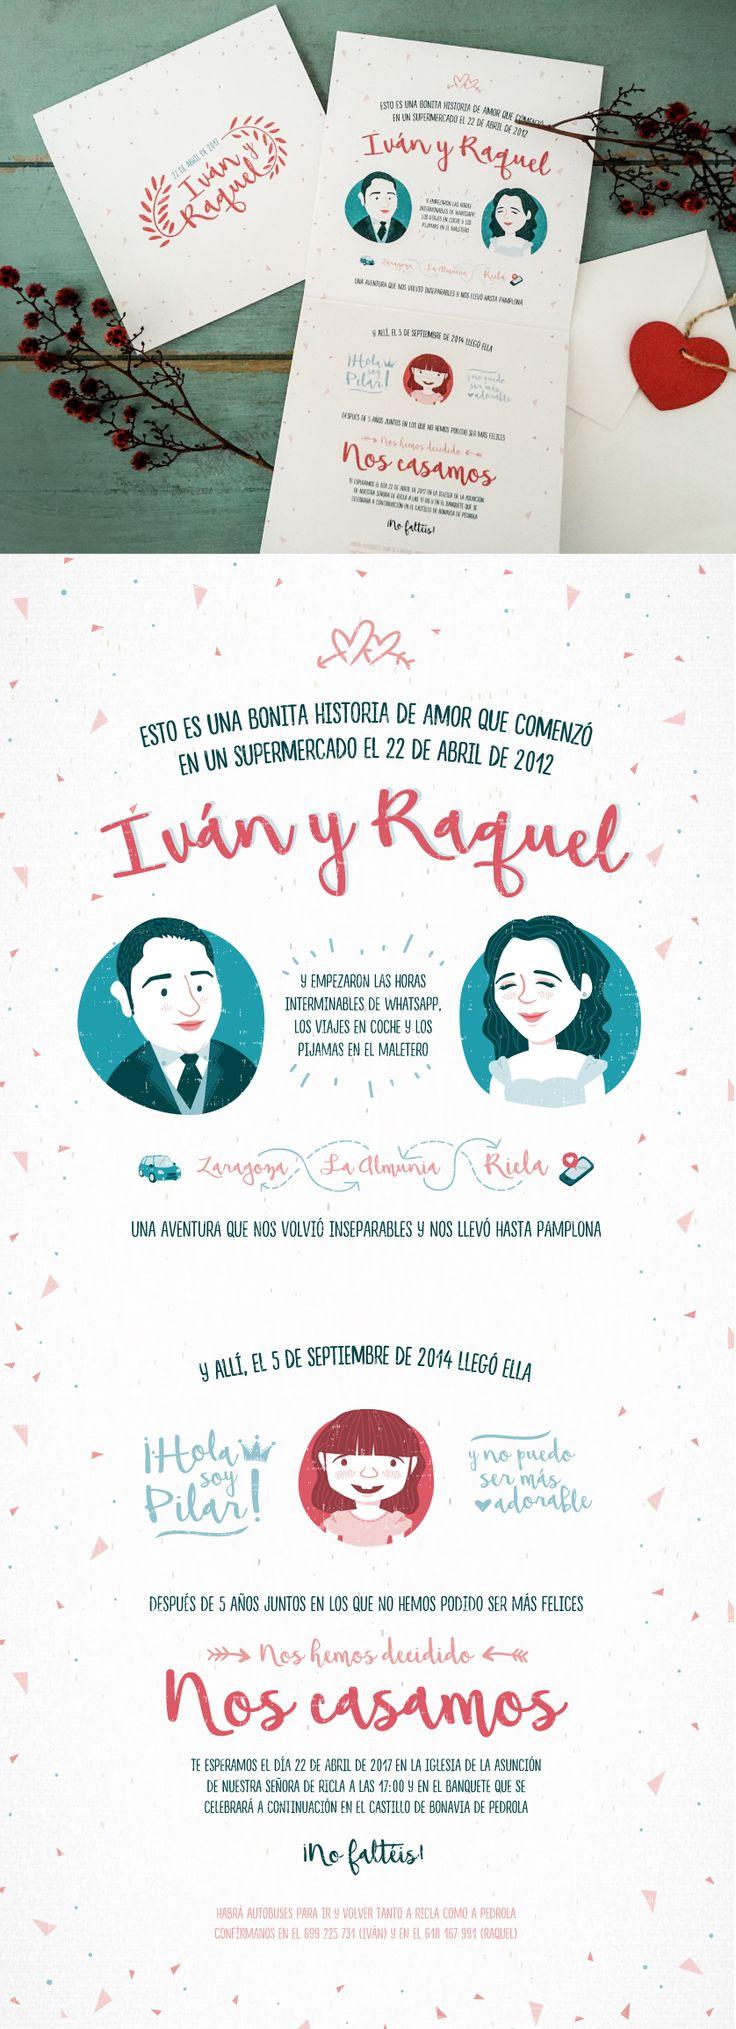 Family illustration for wedding invitation with a love story / Ilustración de familia para invitación de boda con historia de amor